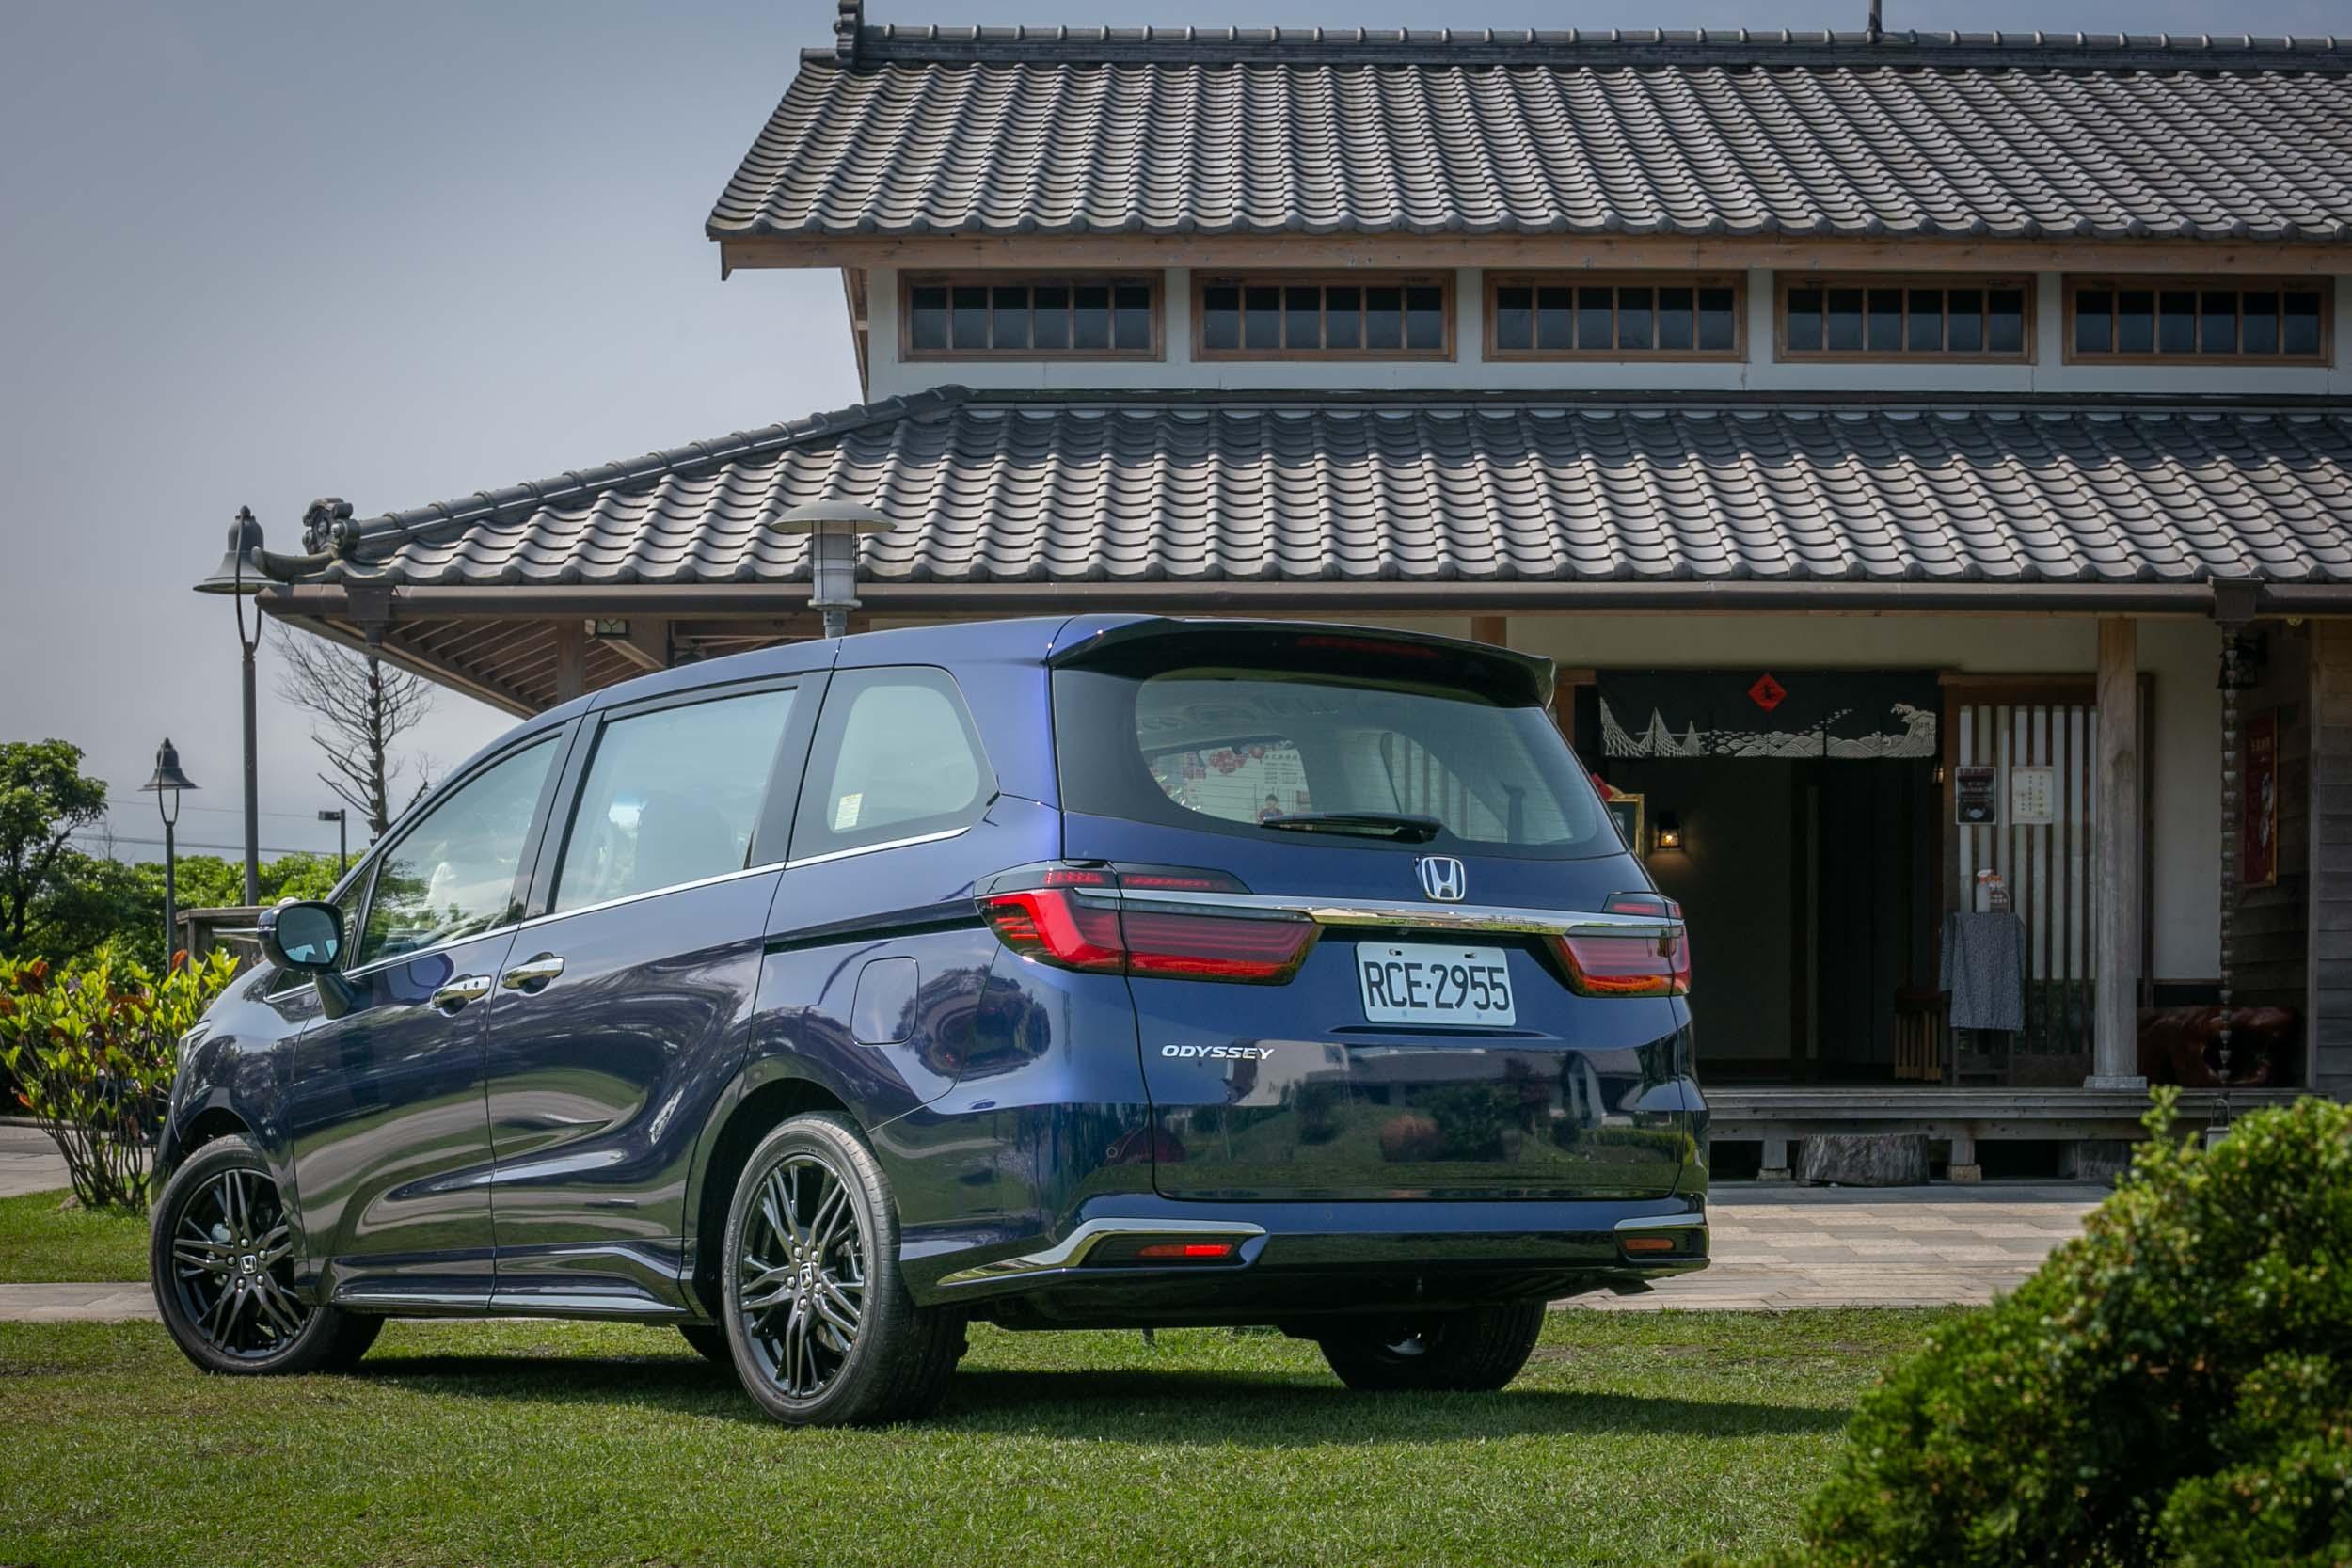 原廠宣稱小改款 Odyssey 全車鈑件皆經過微調,但視覺感受不甚明顯。